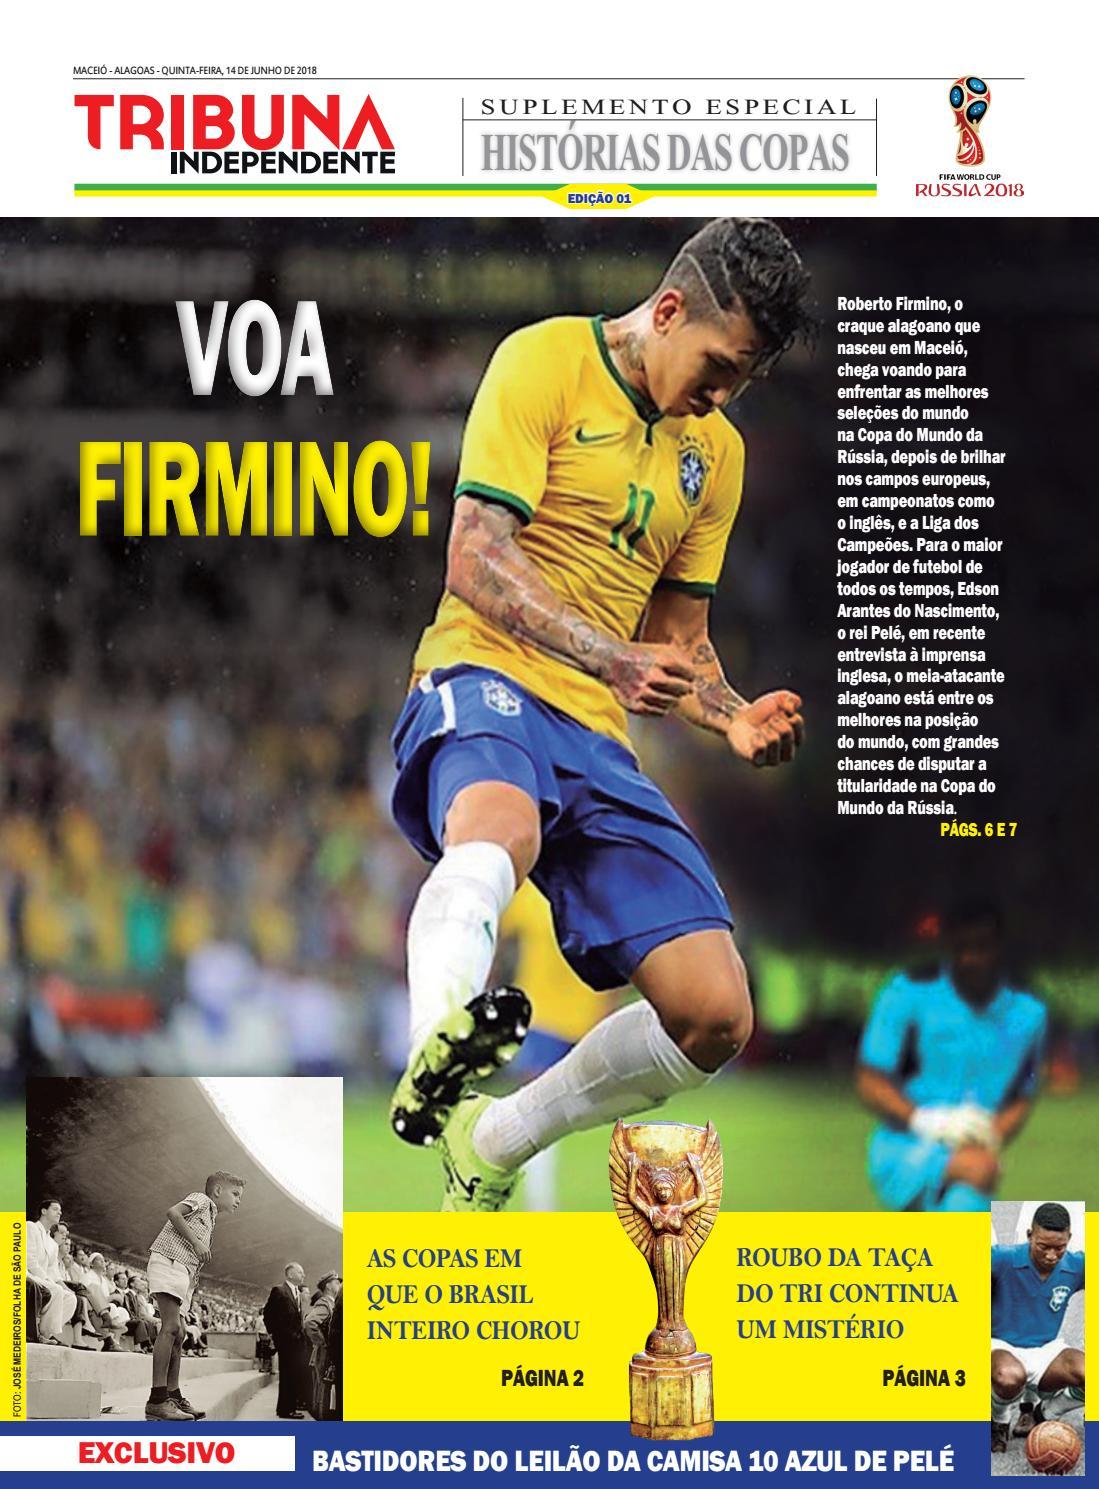 Edição número 1 - Suplemento Histórias das Copas by Tribuna Hoje - issuu cd62ca16902cb